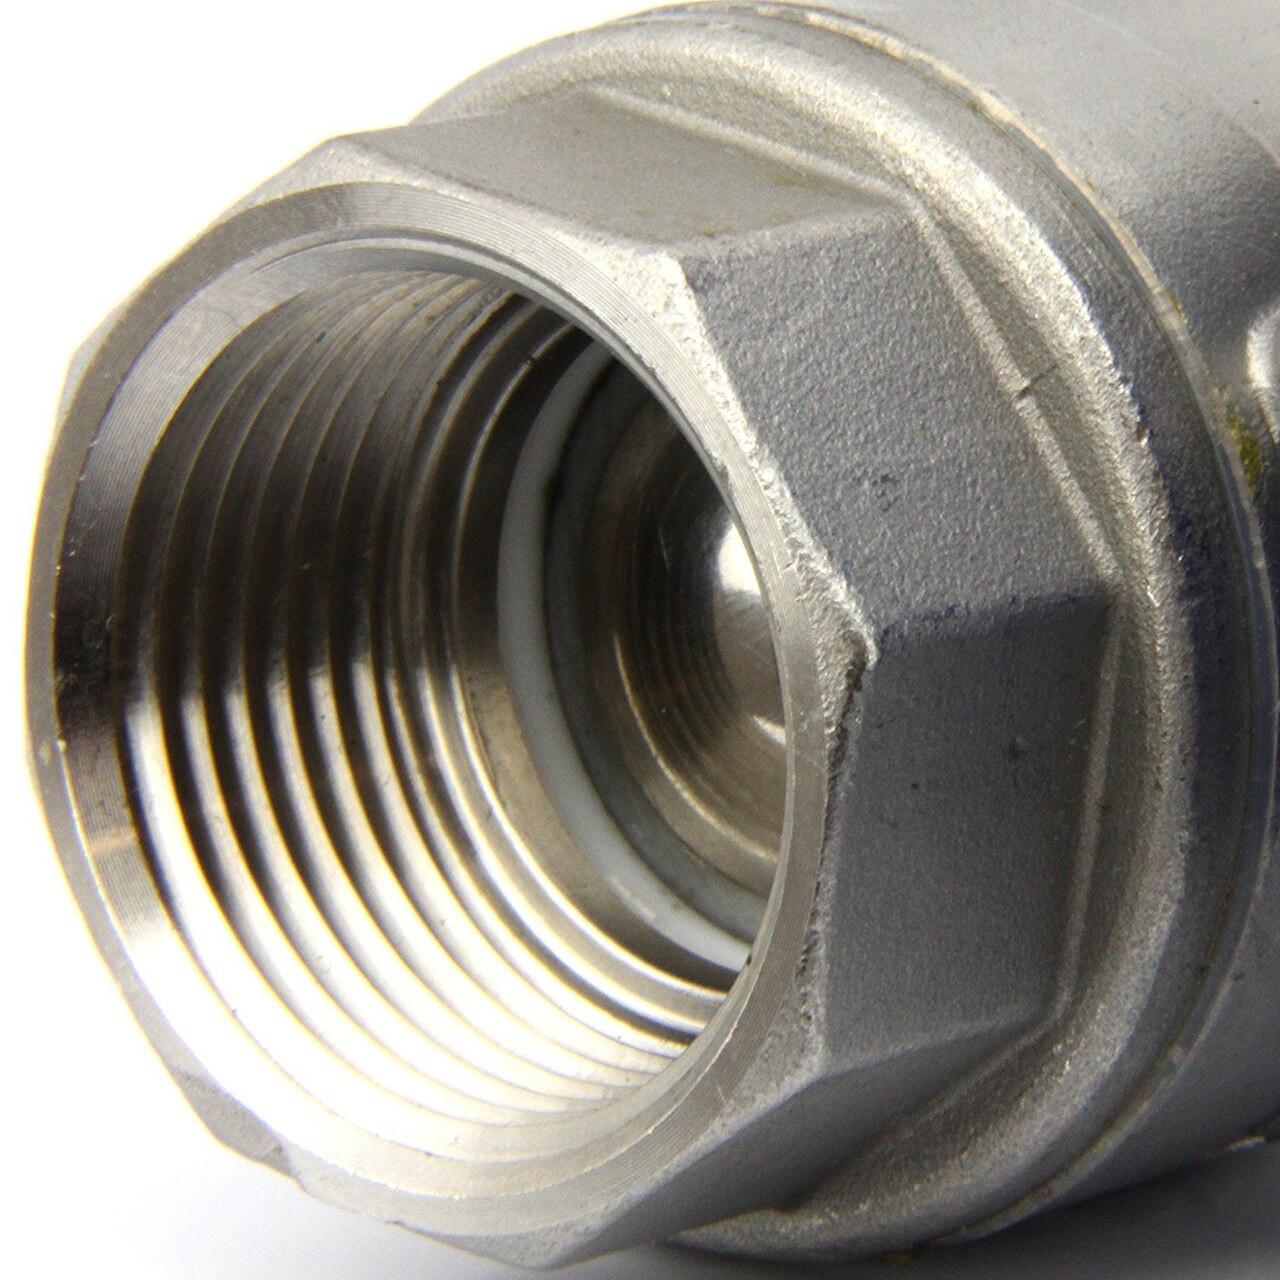 """Motorisierter Kugelhahn- (1/2"""", 3/4"""" oder 1"""") Messing, Elektrisches Kugelventil, 9-24V AC/DC und Einrichtung mit 3 Drähten"""